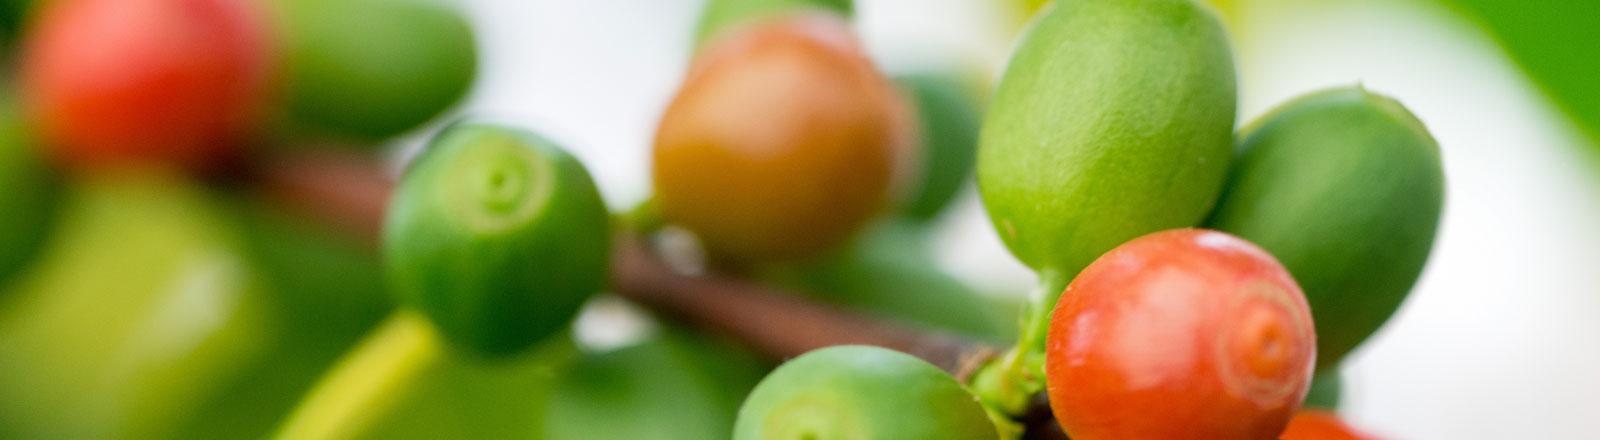 Kirschen der Kaffeepflanze